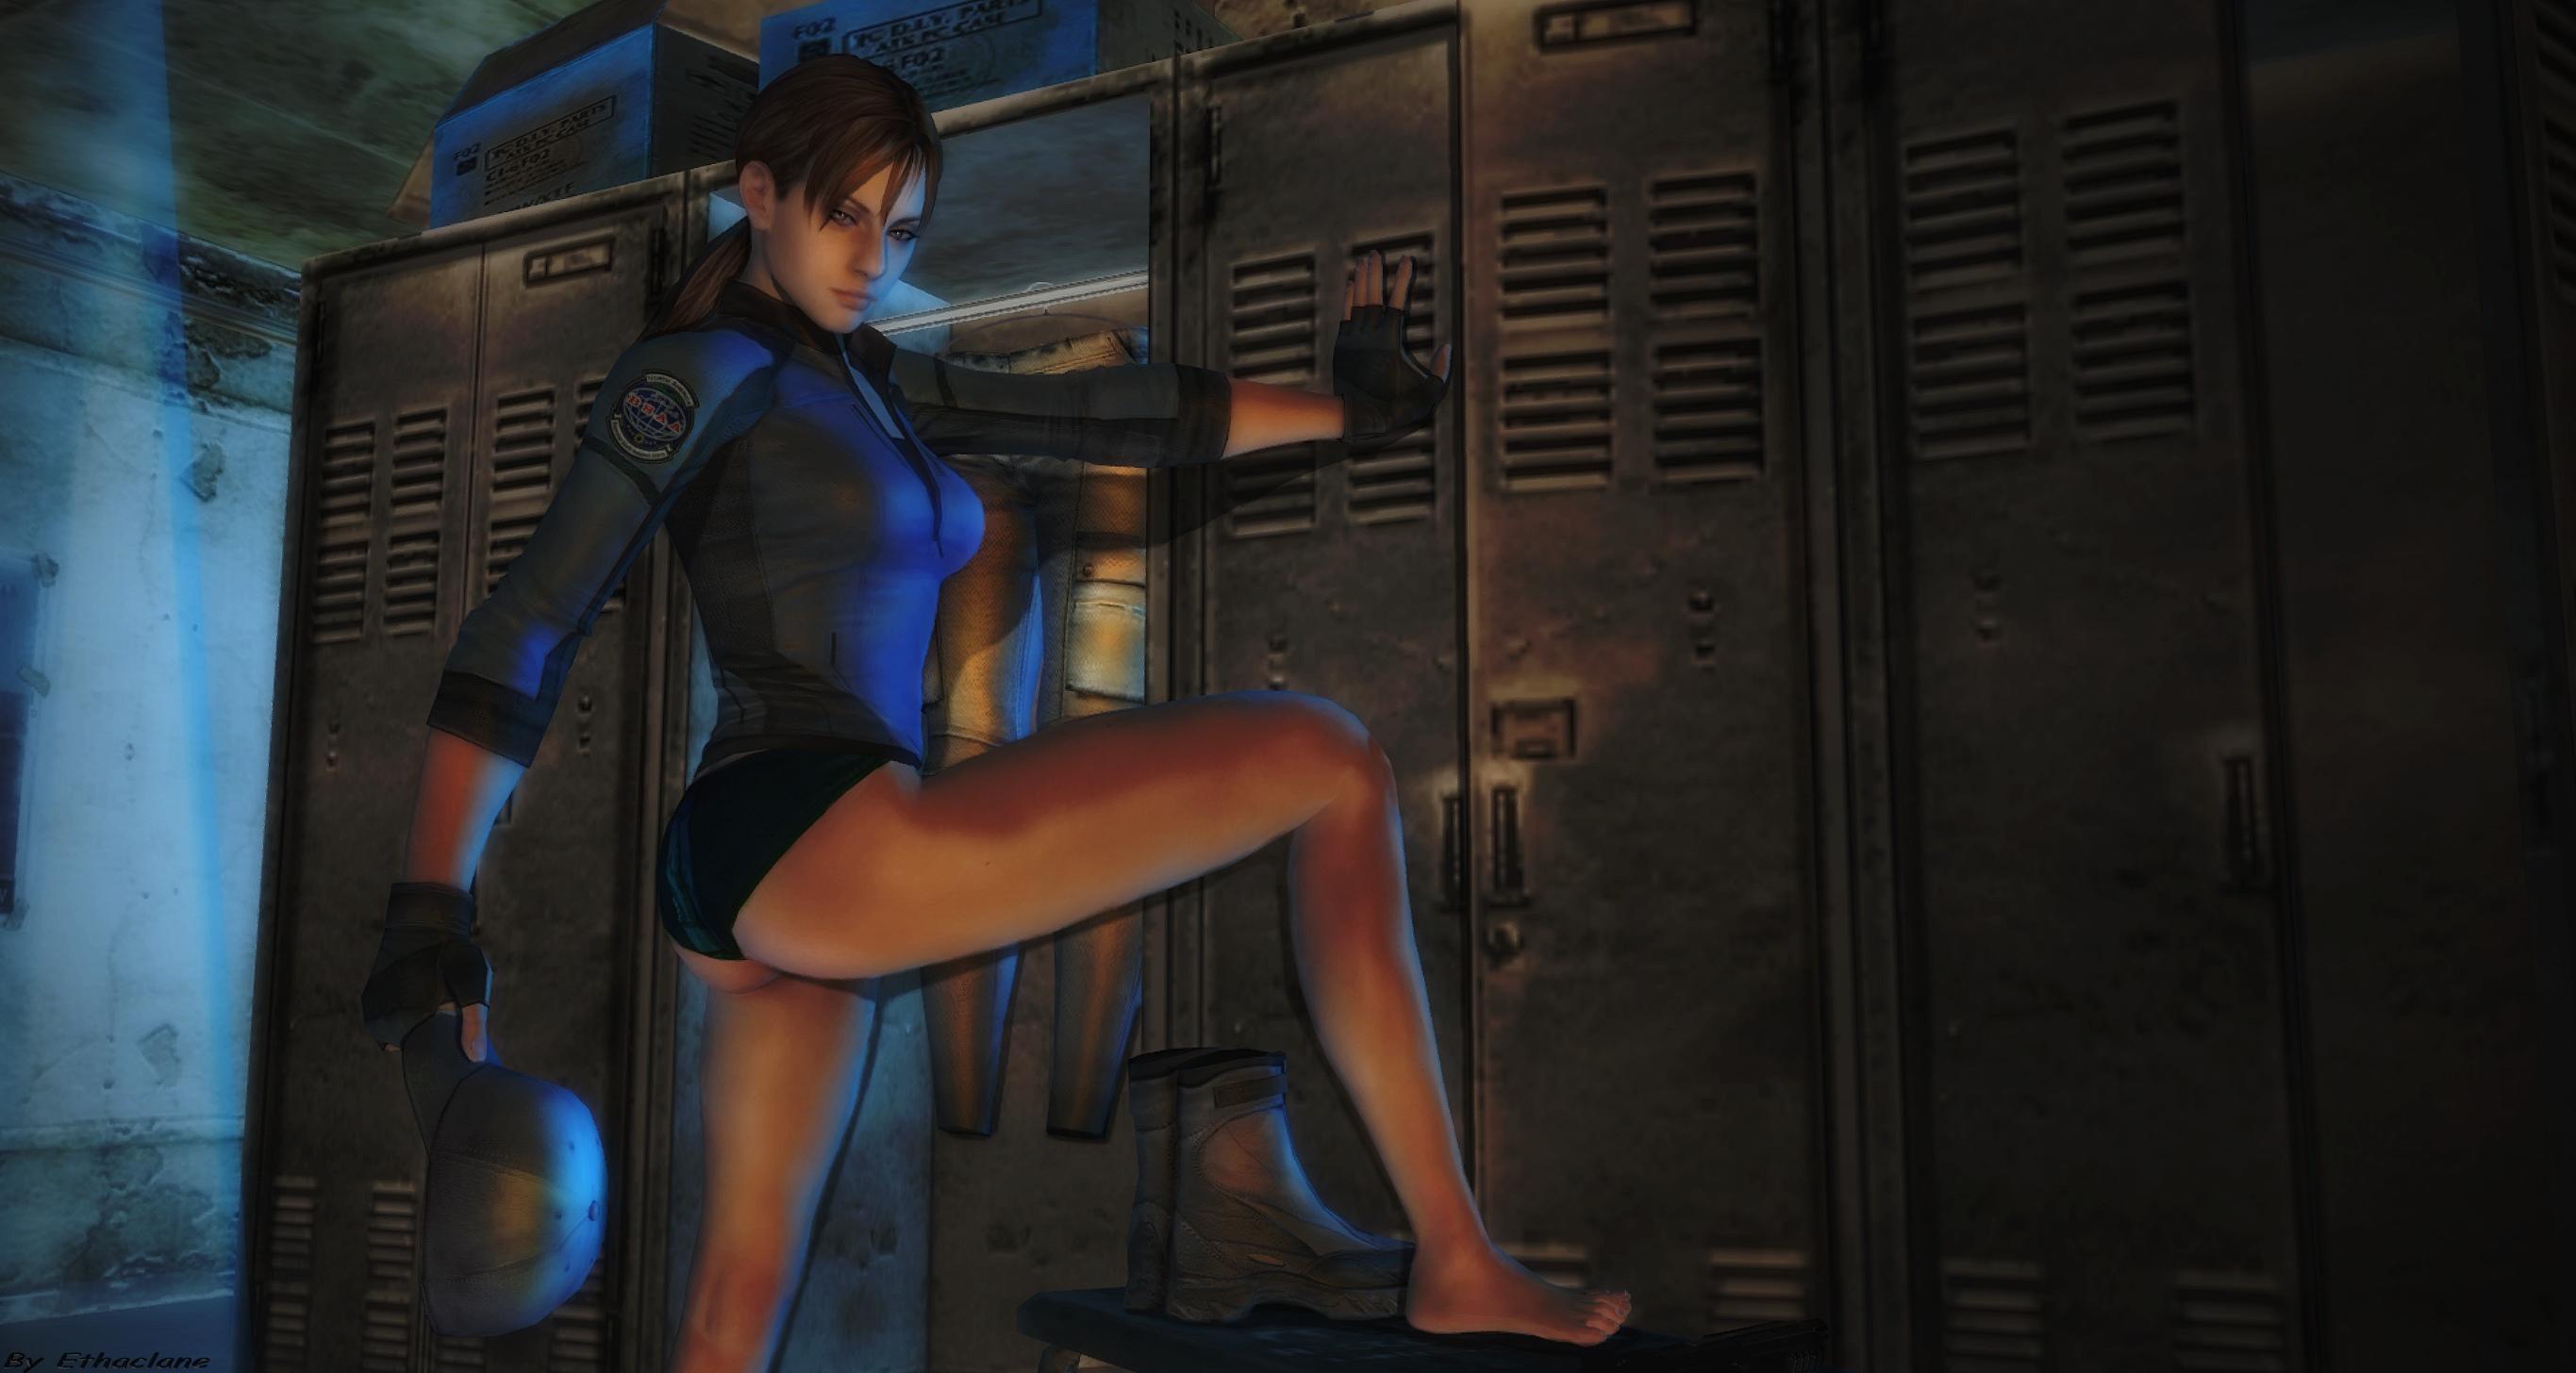 Resident Evil 6 Sherry Ass Resident evil wallpaper - jillResident Evil 6 Sherry Dat Ass